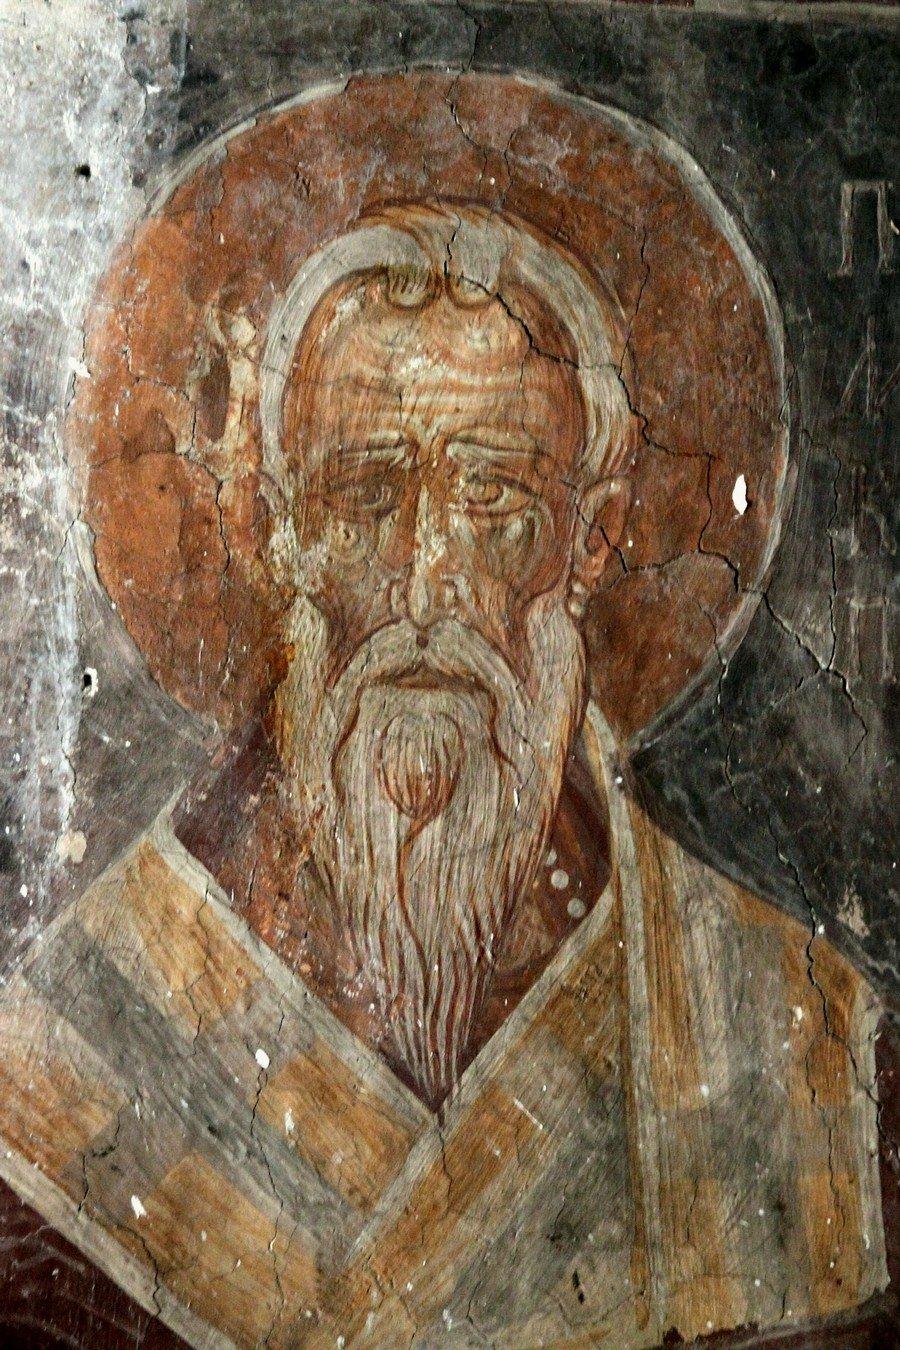 Священномученик Поликарп, Епископ Смирнский. Фреска церкви Святой Марины в Пирге, Кипр.